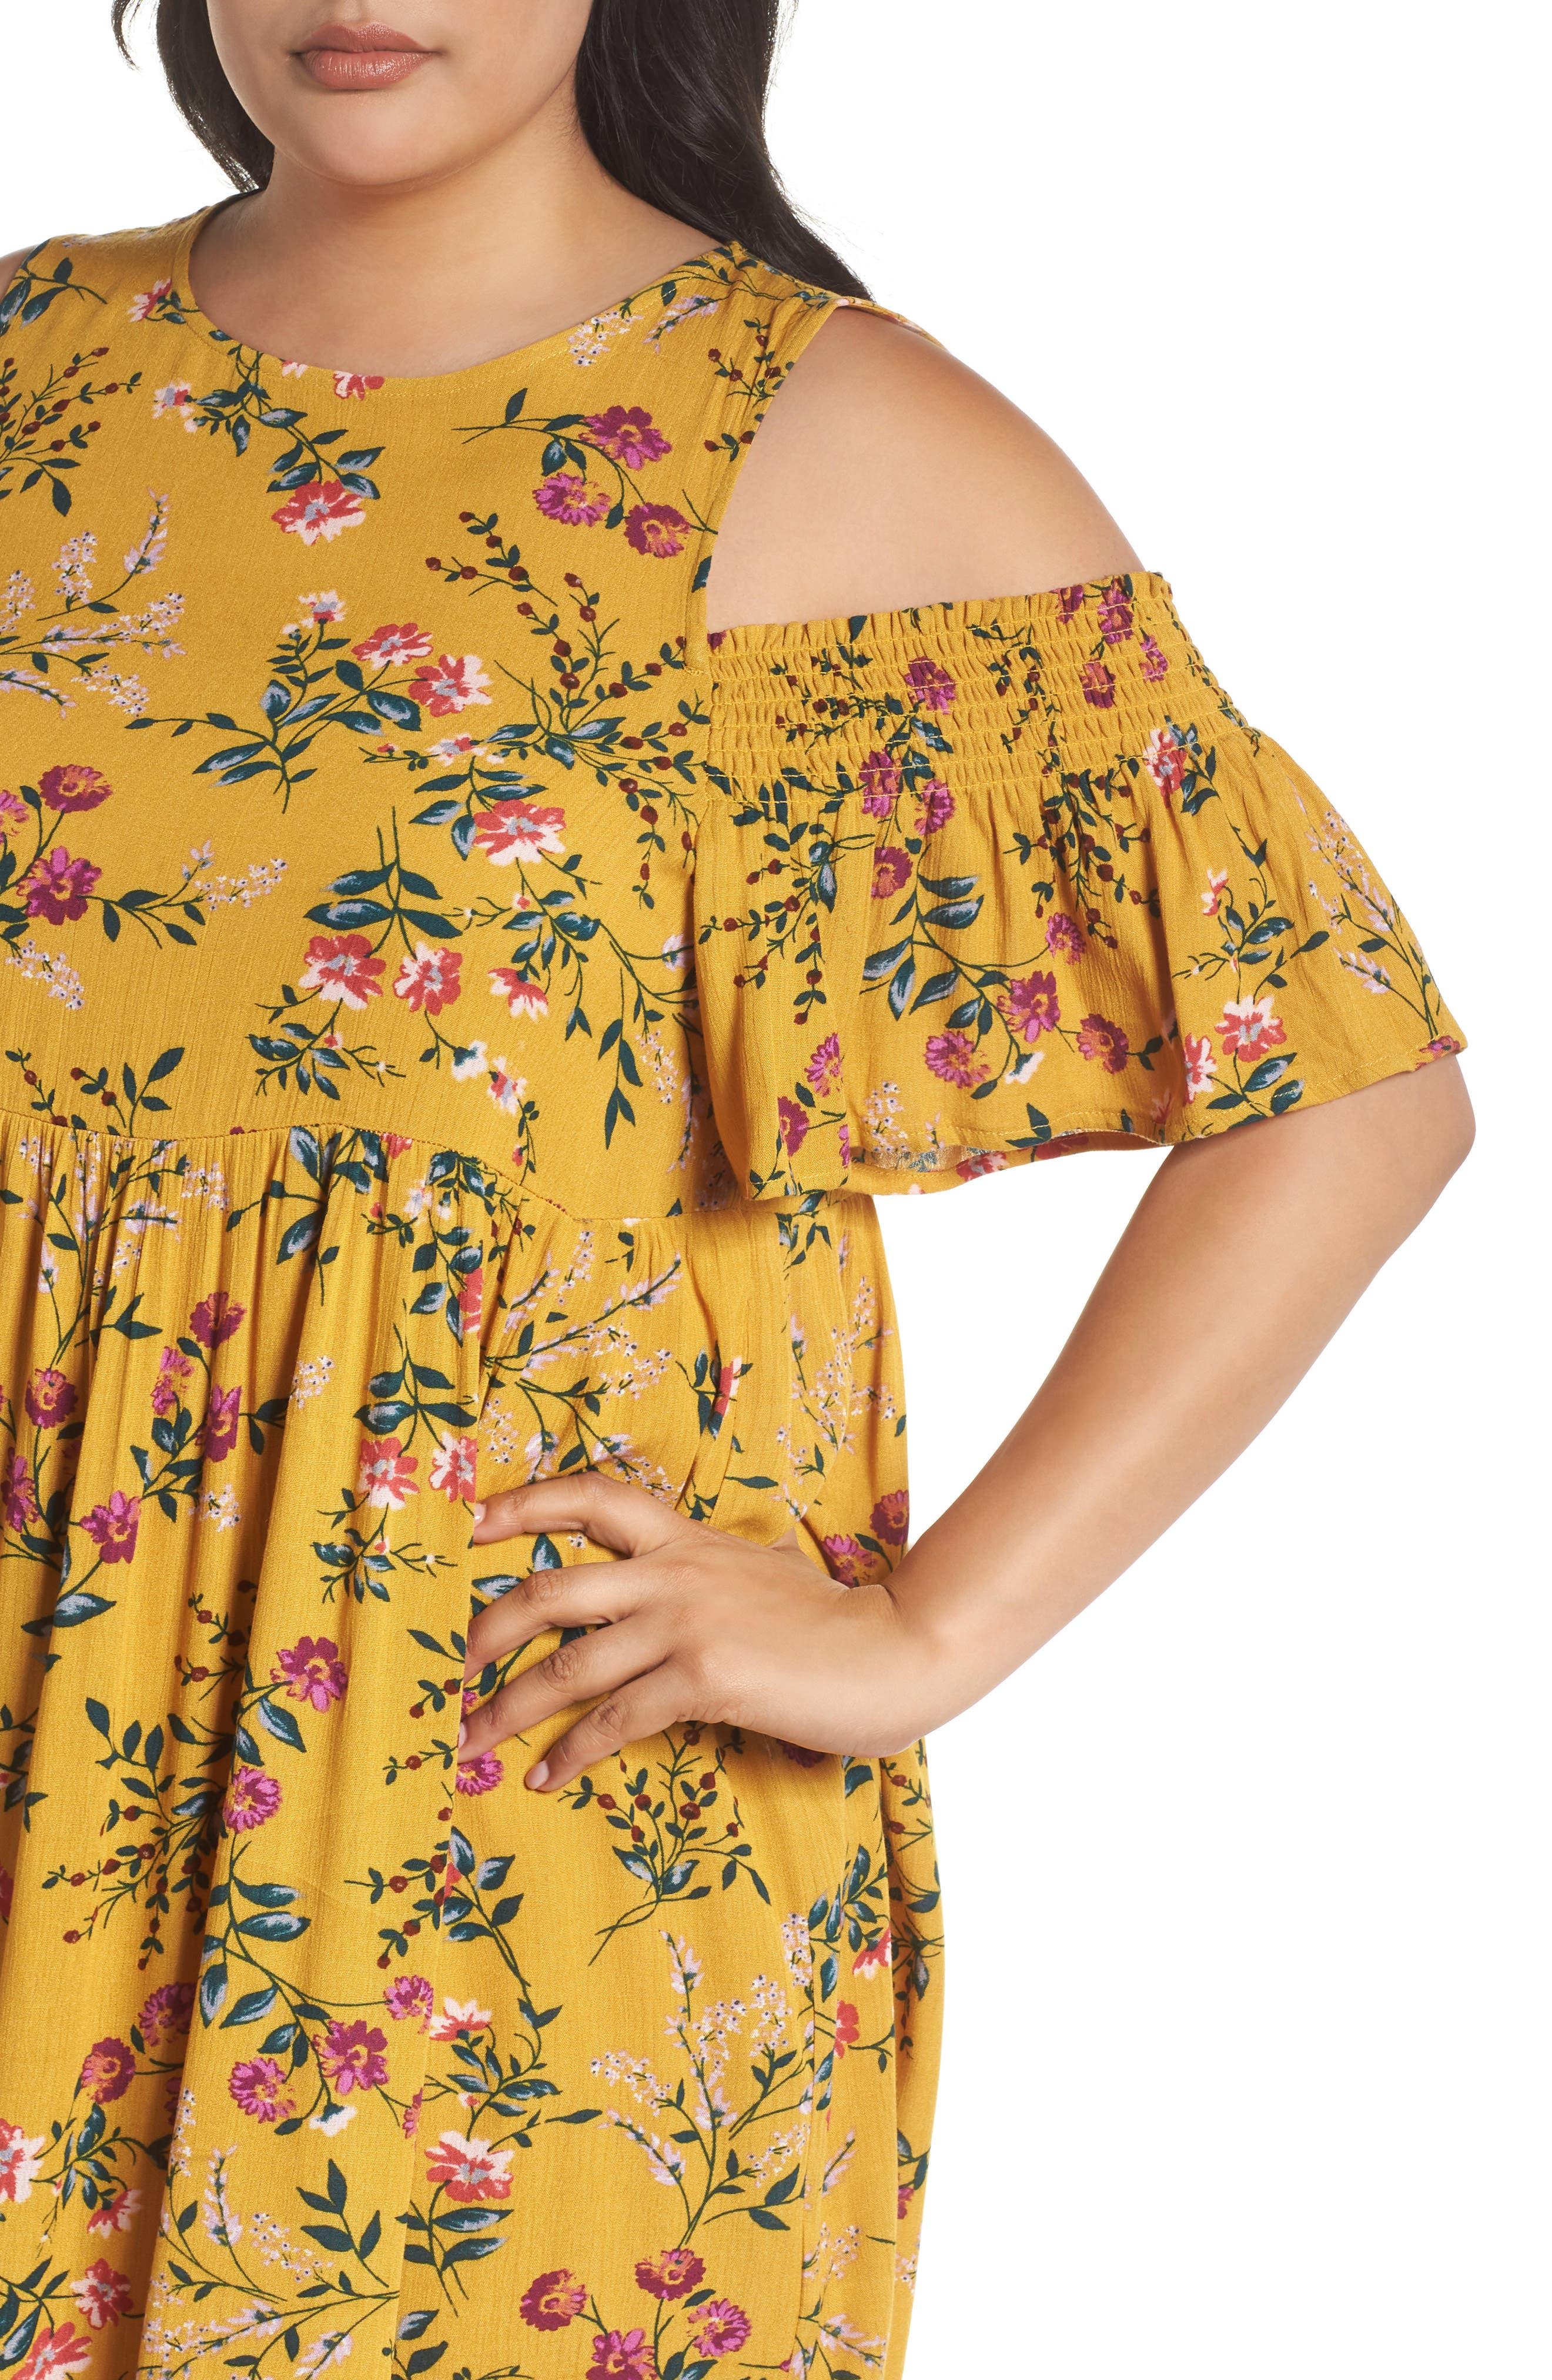 Floral Smocked Cold Shoulder Dress,                             Alternate thumbnail 4, color,                             Mustard Multi Floral